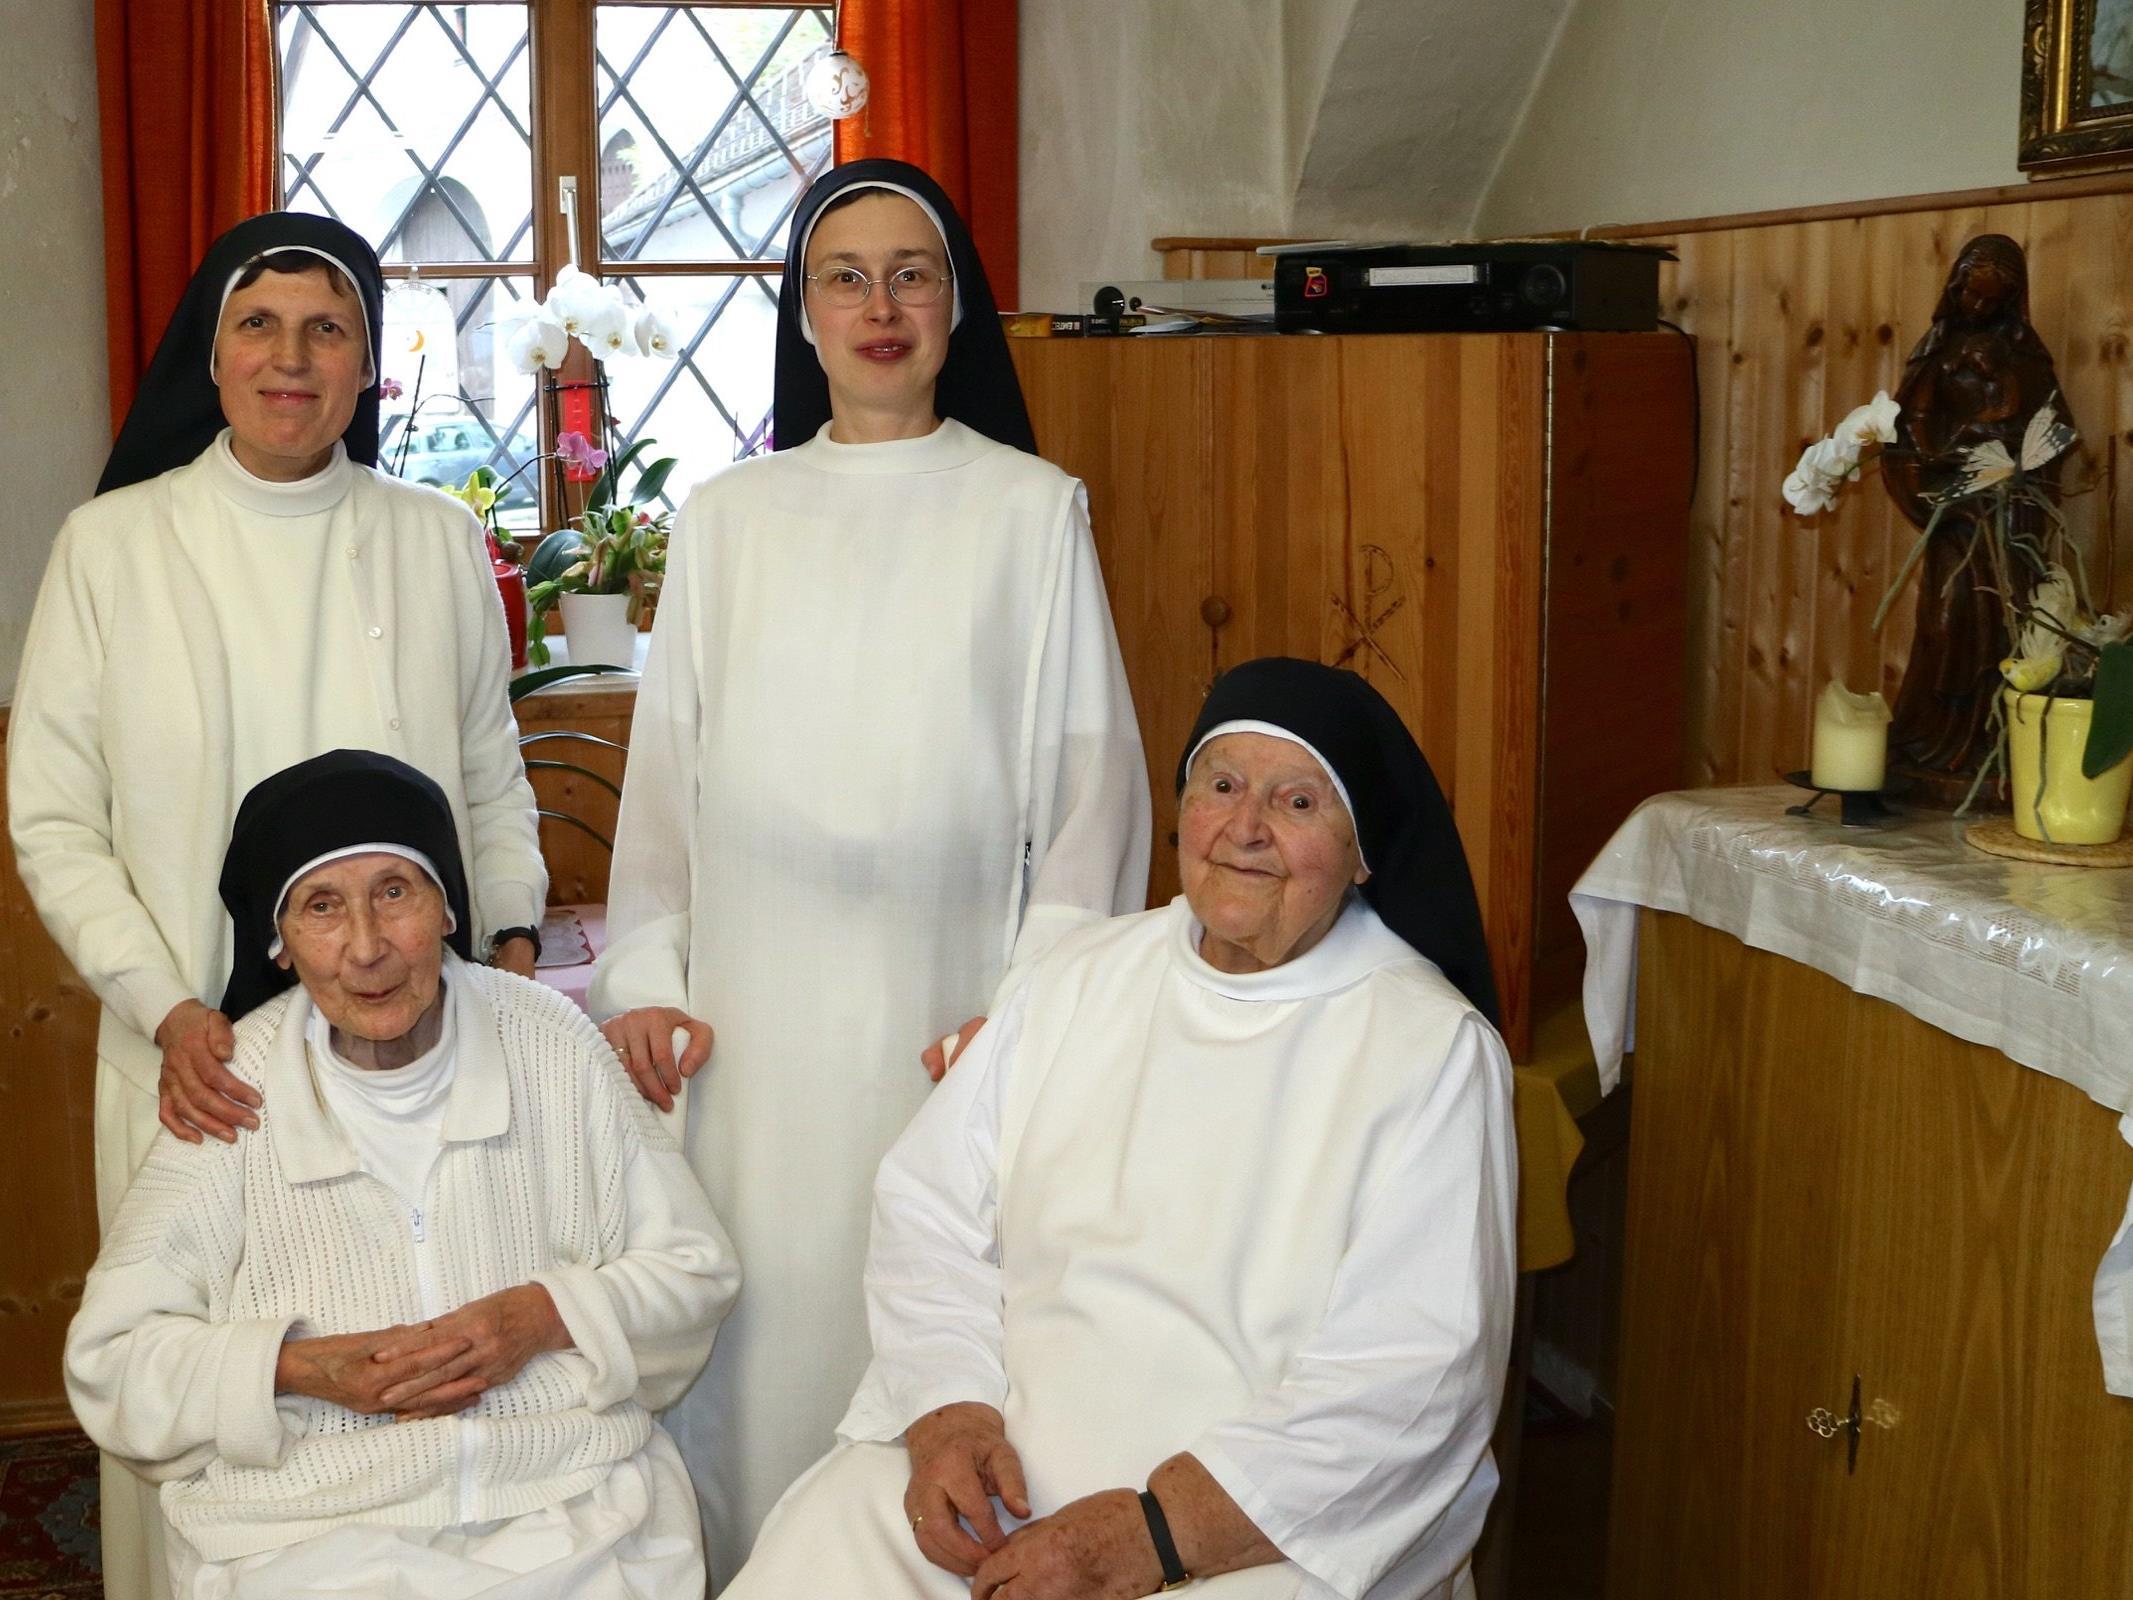 Die kleine Gemeinschaft auf den Spuren des hl. Dominikus: Priorin Sr. Andrea Rusch, Sr. Agata Teresa Wierdak, Sr. Immaculata Hochstrasser und Sr. Dominika Heinzle.